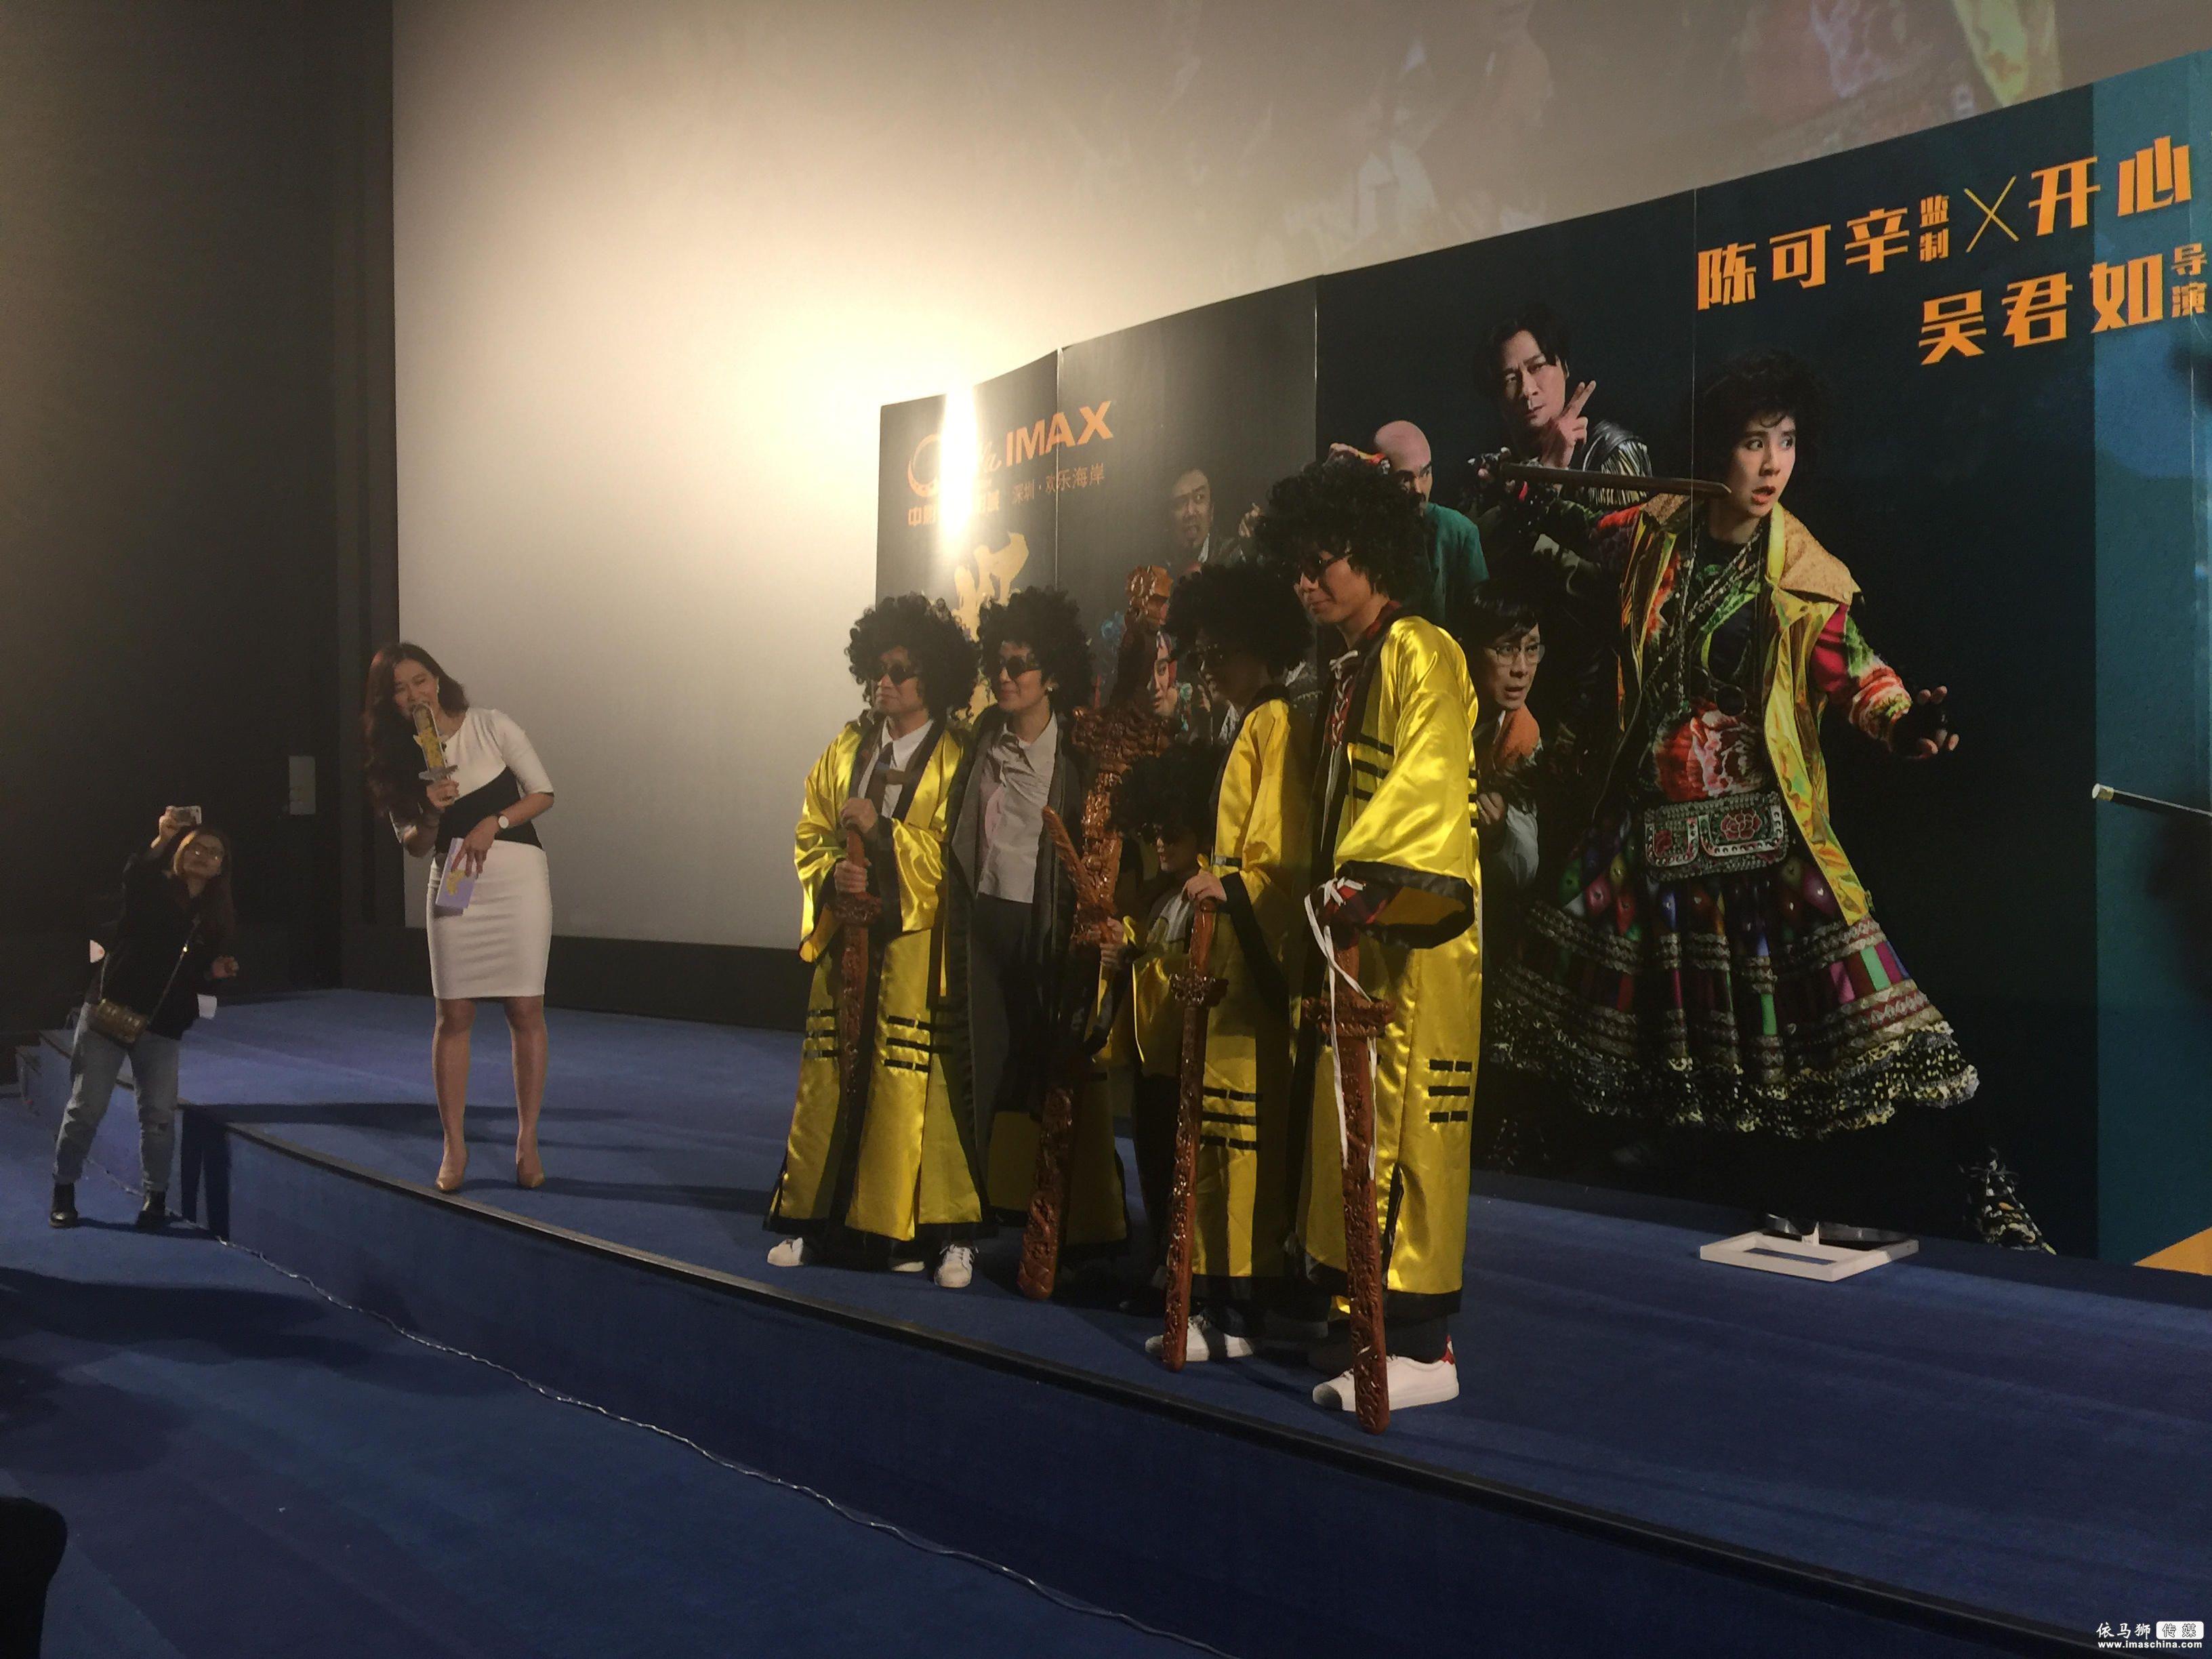 为拍《妖铃铃》2000万建了一栋楼,为此陈可辛吴君如差点打起来 - 电影中国 - 依马狮传媒旗下品牌